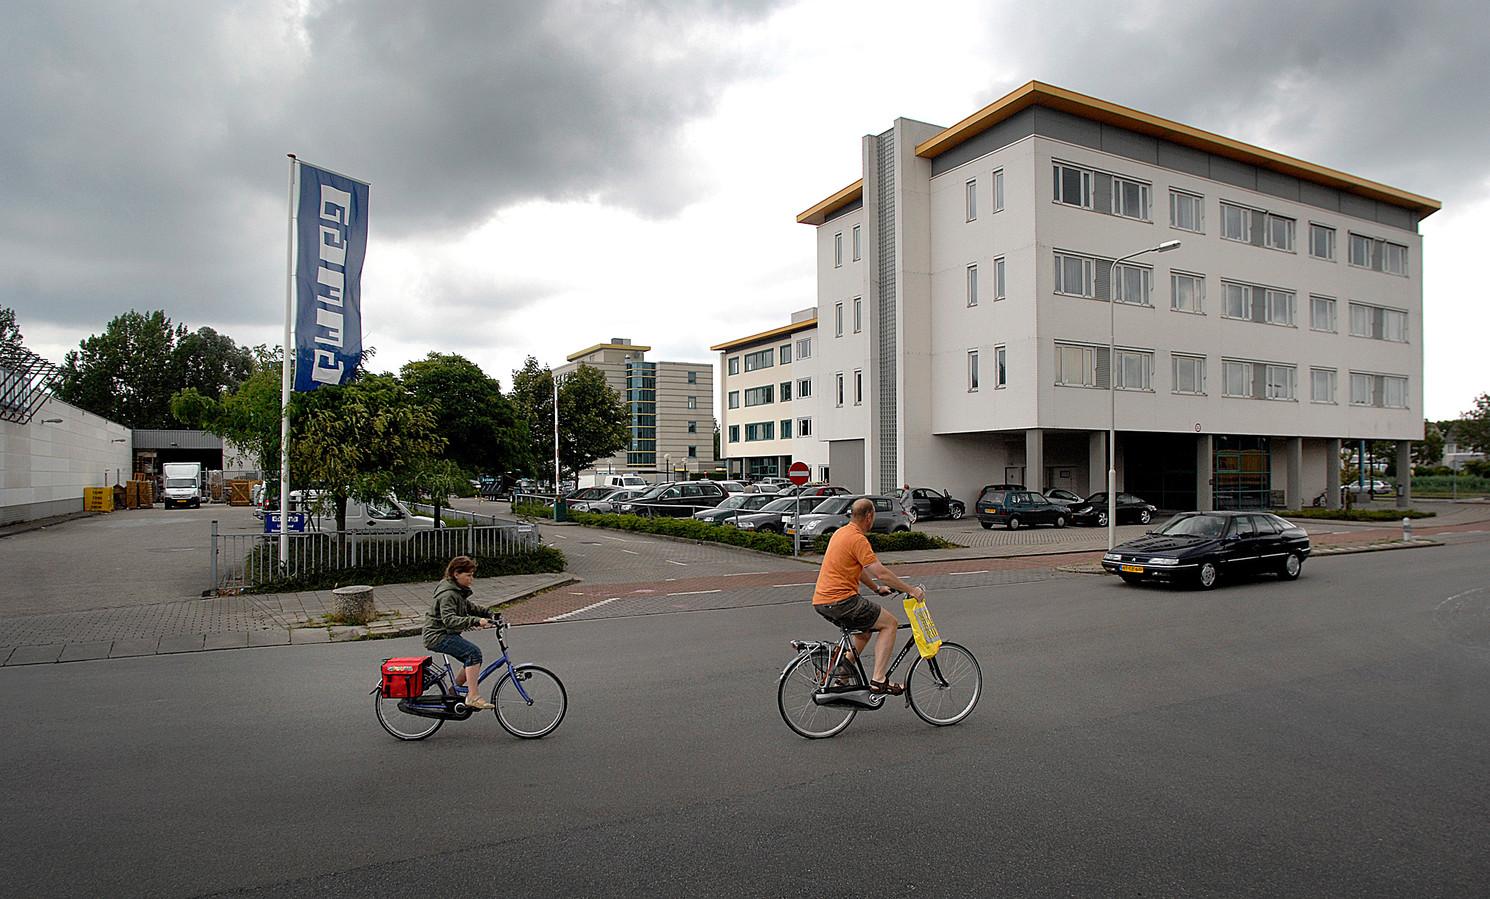 Het gebouw van de polikliniek in de wijk Rijkerswoerd in Arnhem-Zuid.